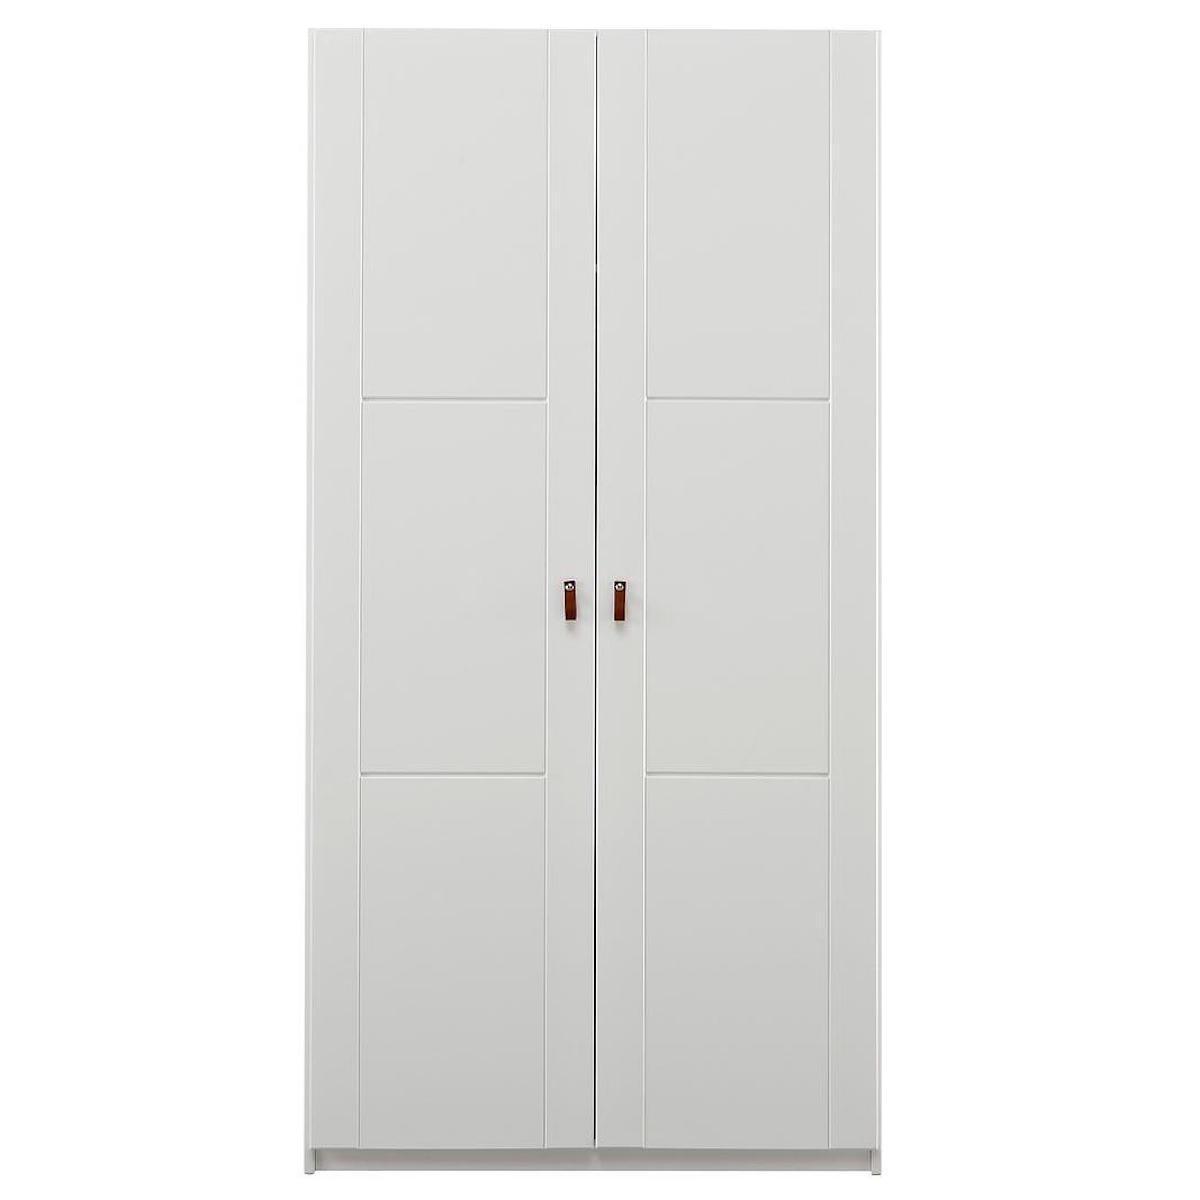 Armario 2 puertas sin estantes Lifetime blanco